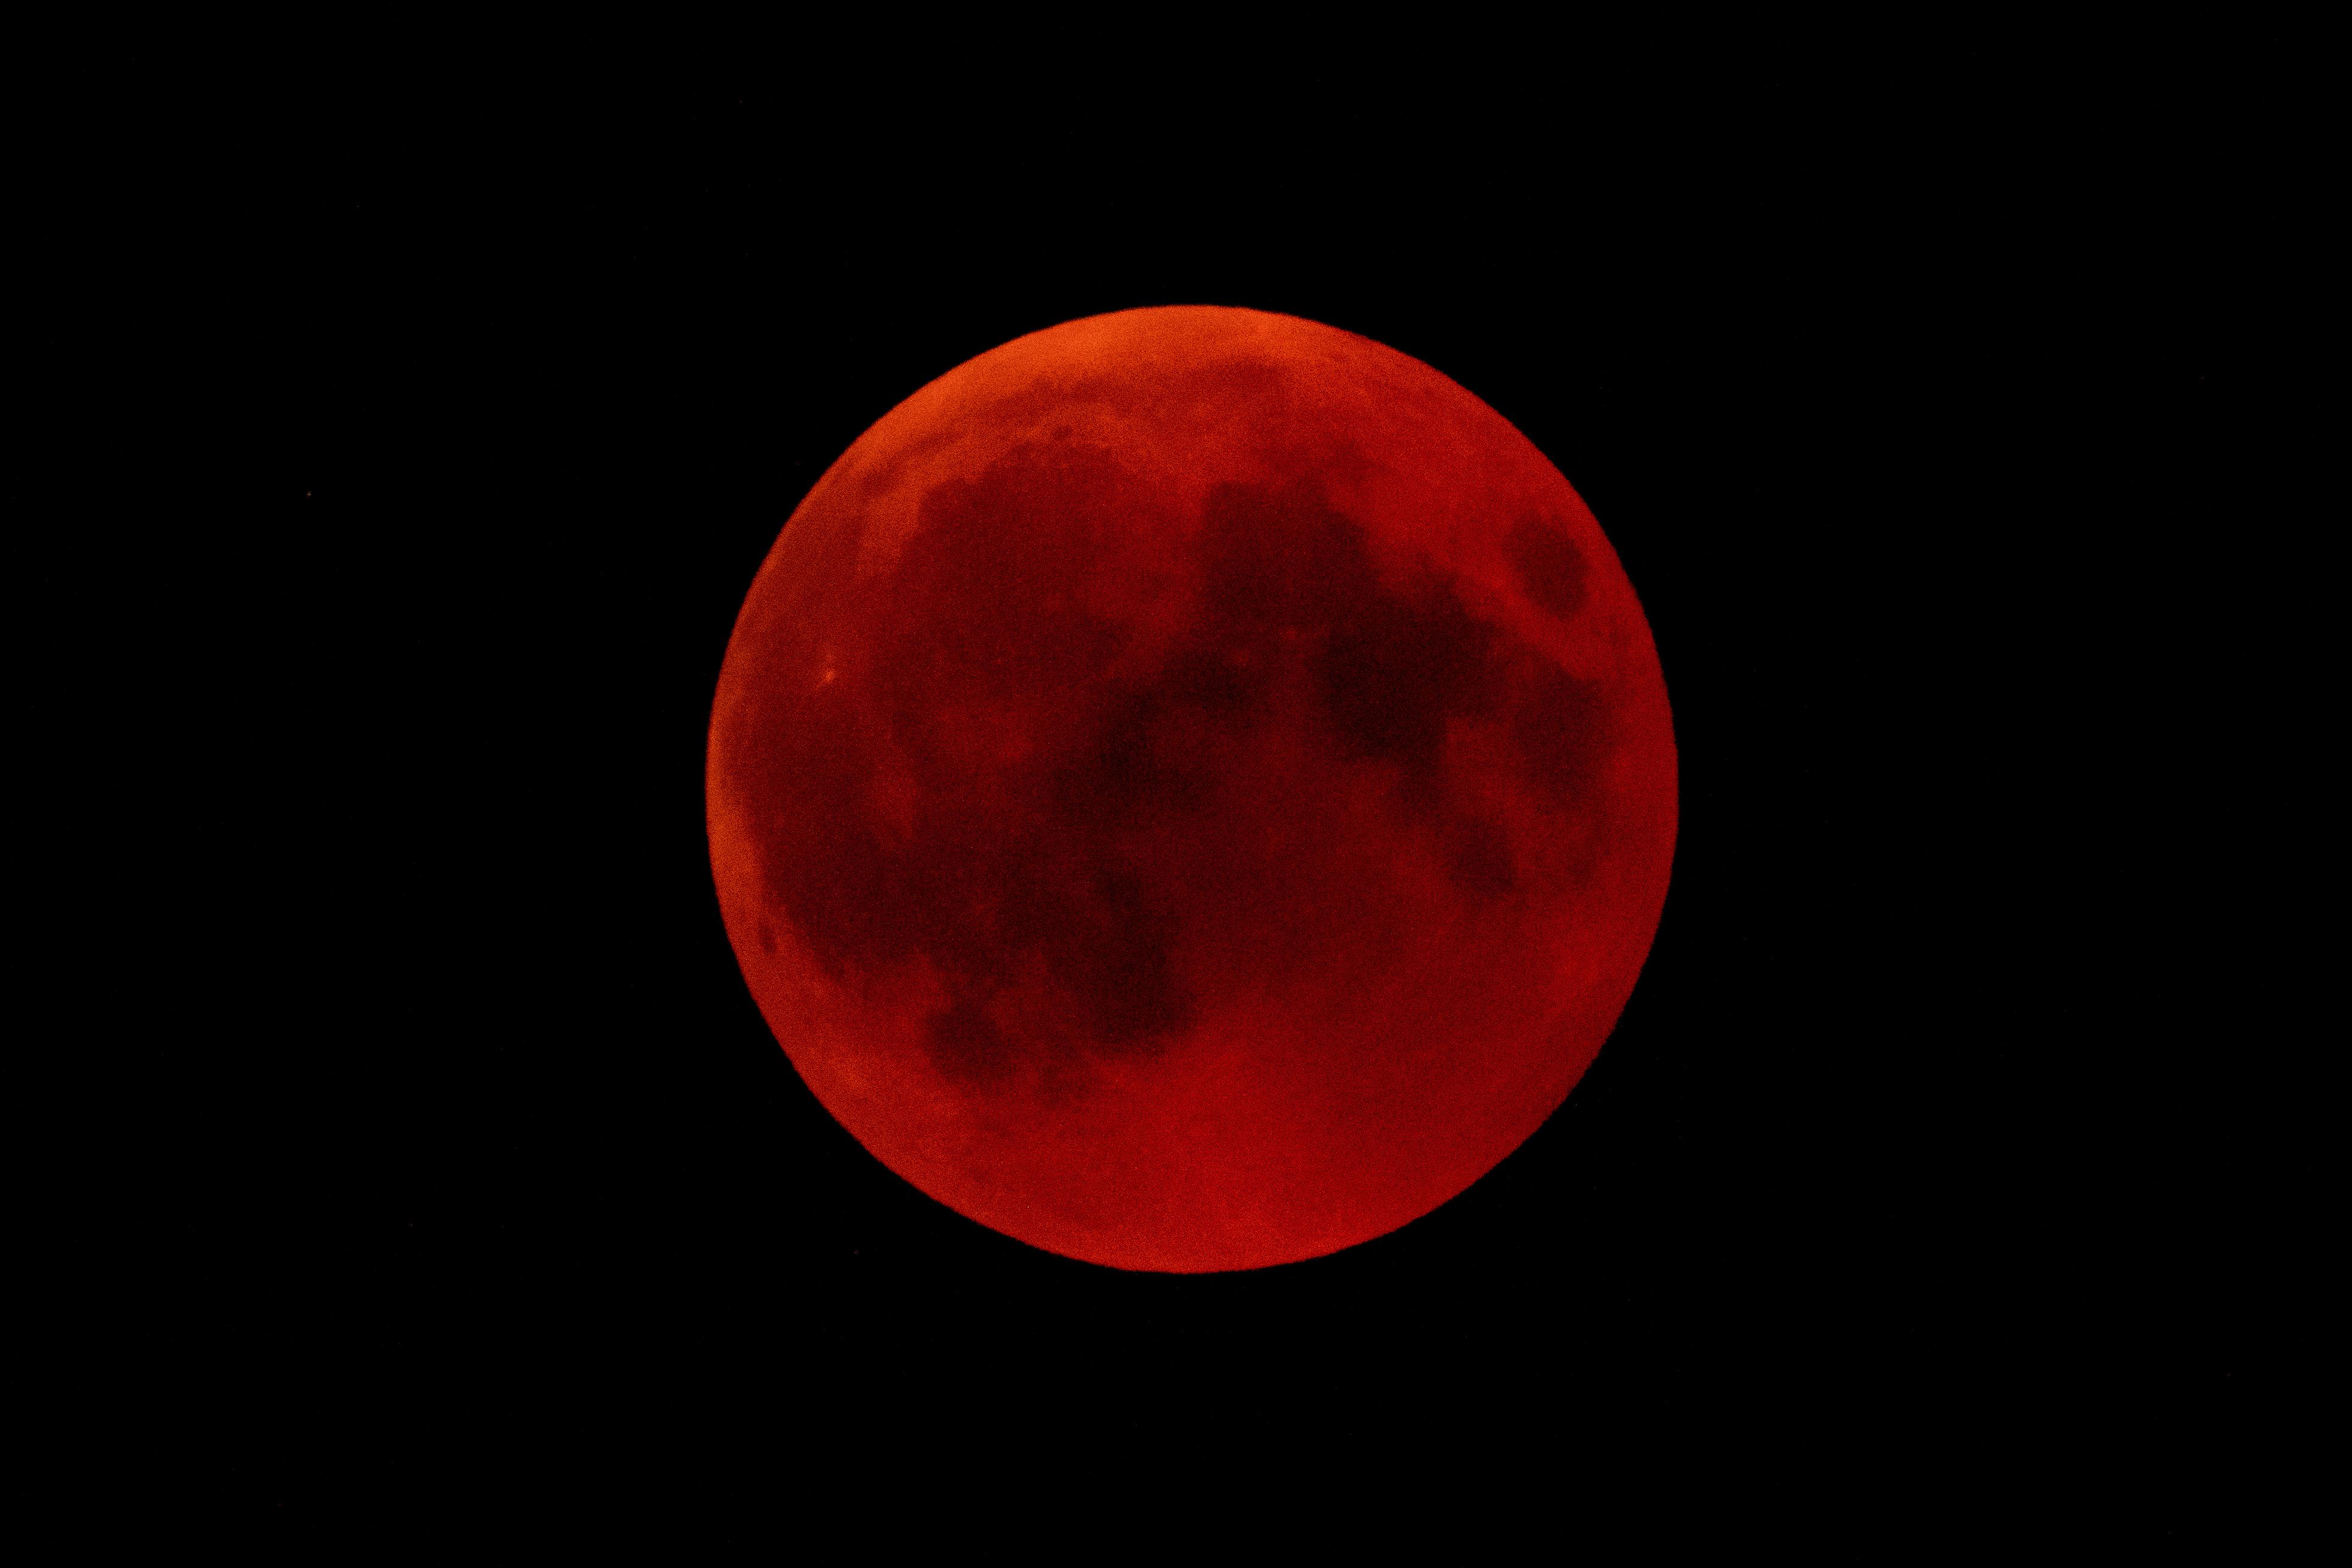 Ảnh trăng máu đẹp nhất